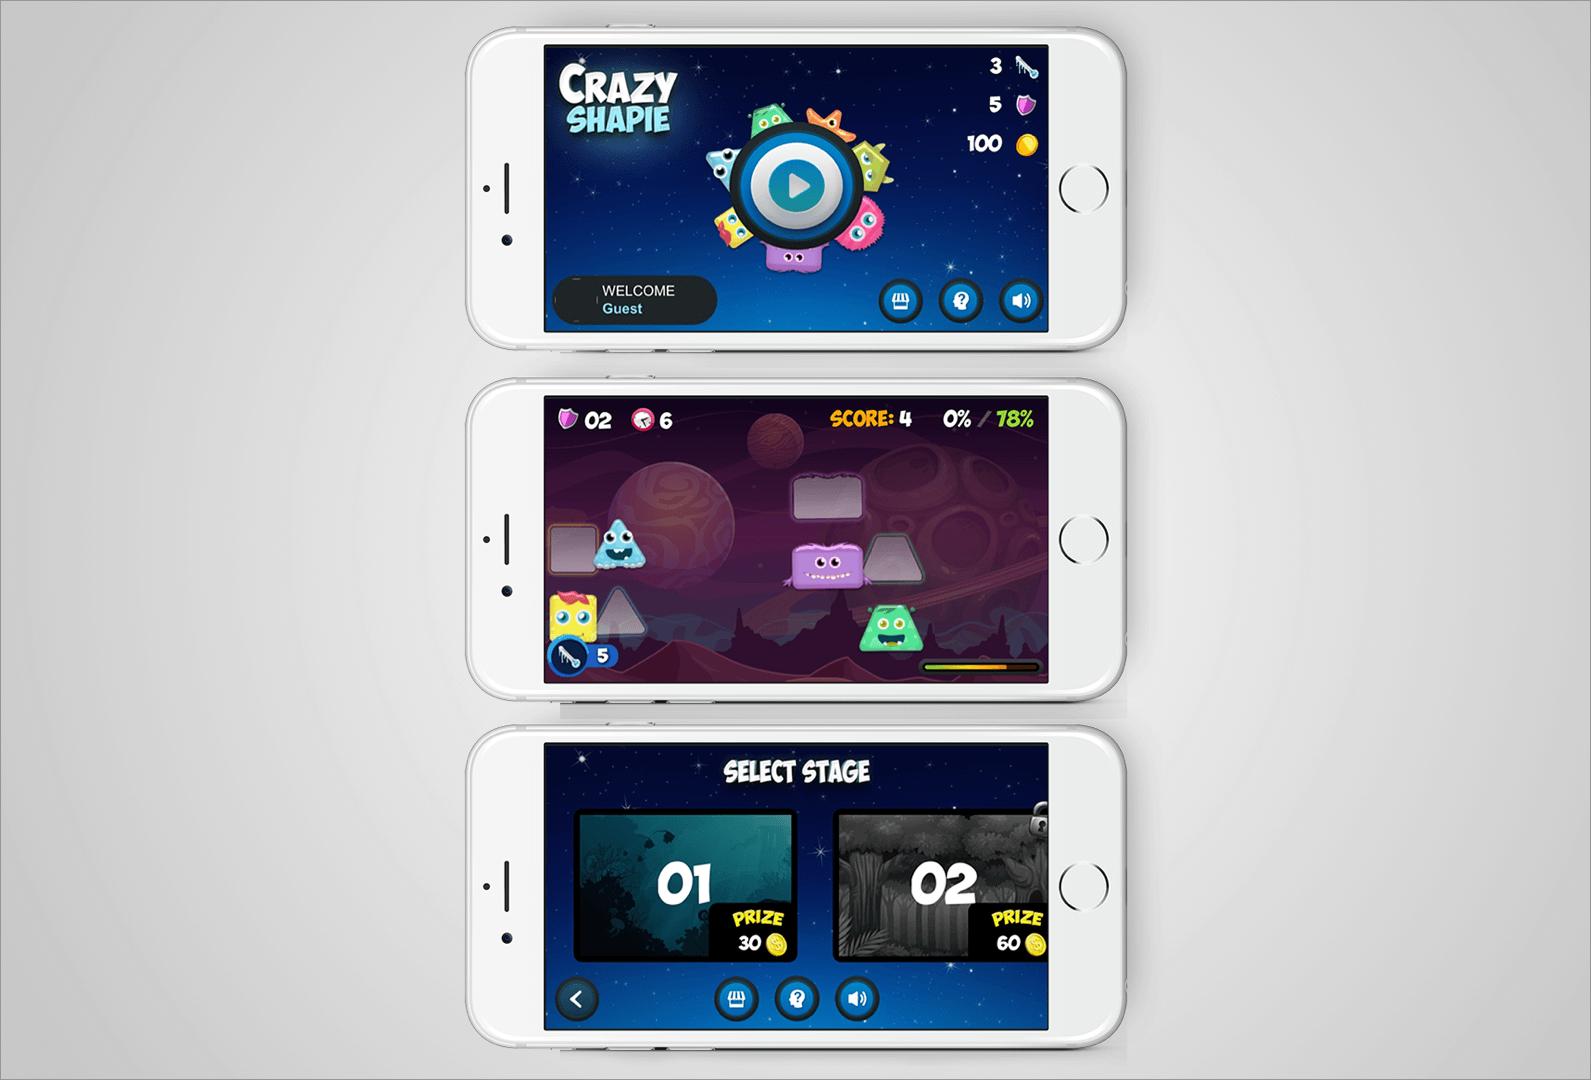 אפליקציה Crazy Shapie